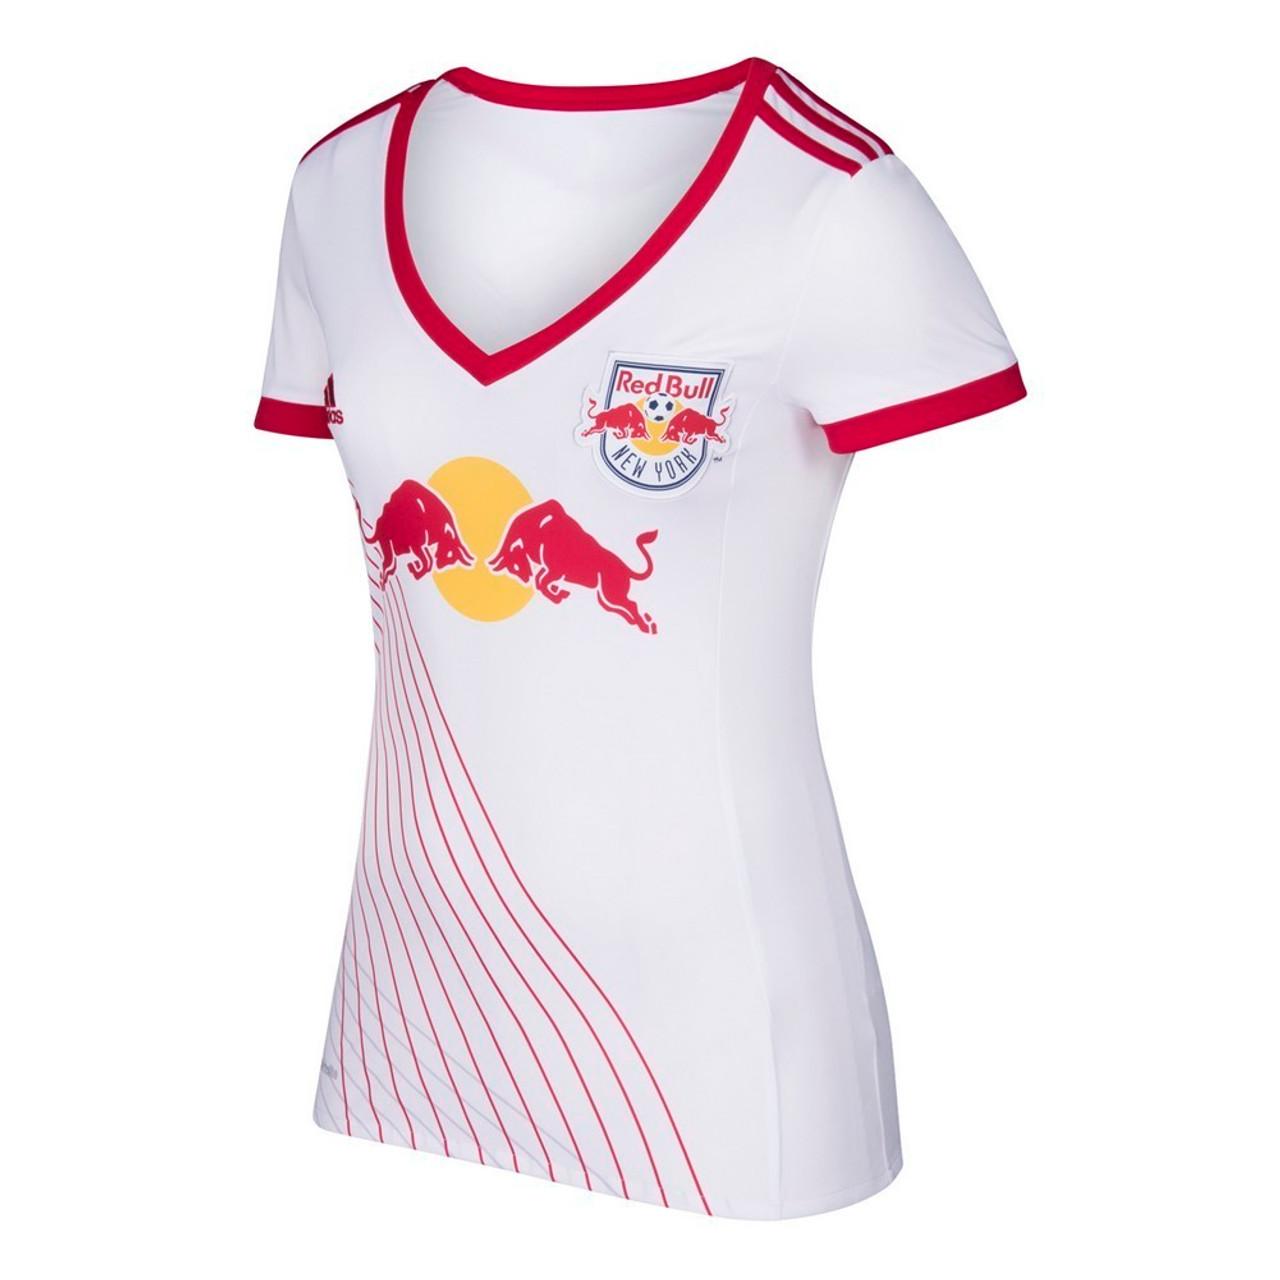 online retailer c54dc 910d6 New York Red Bulls Women's Jersey Adidas Home Replica Soccer Jersey